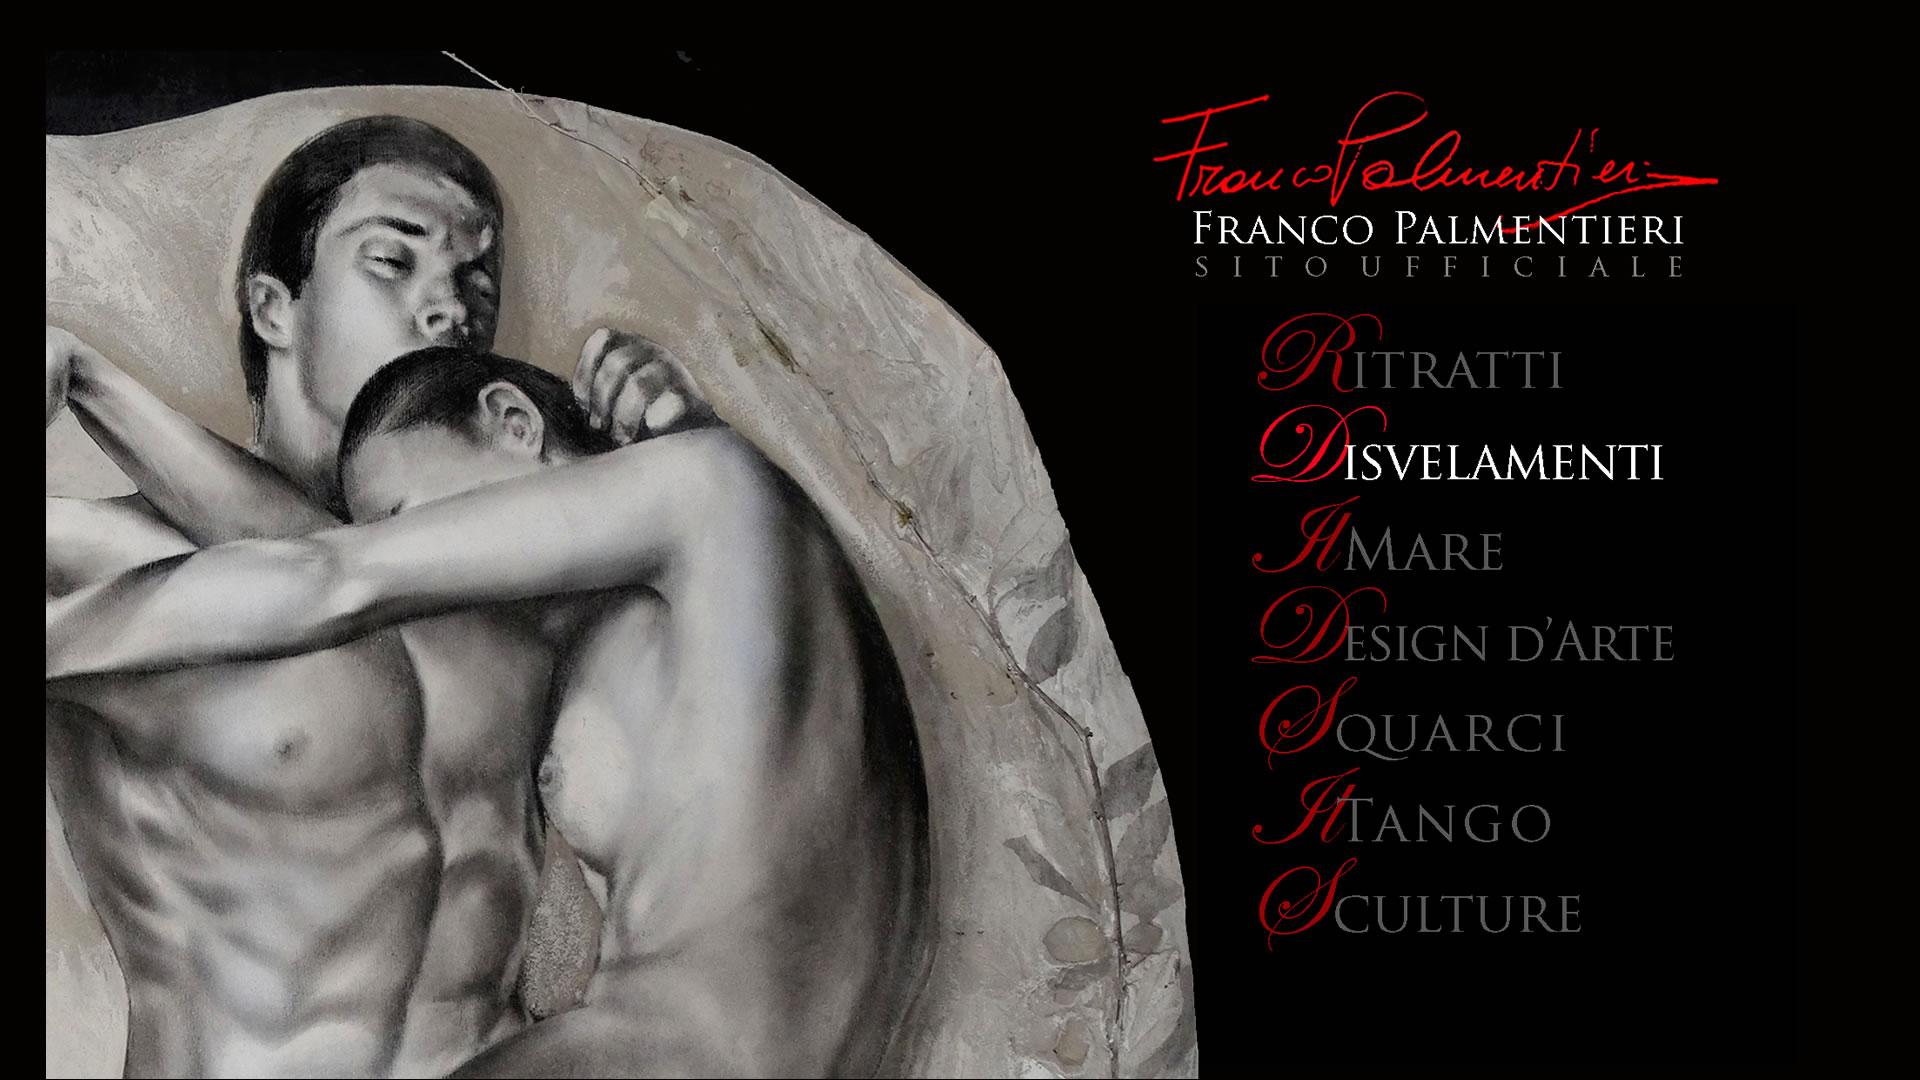 Disvelamentii - Franco Palmentieri